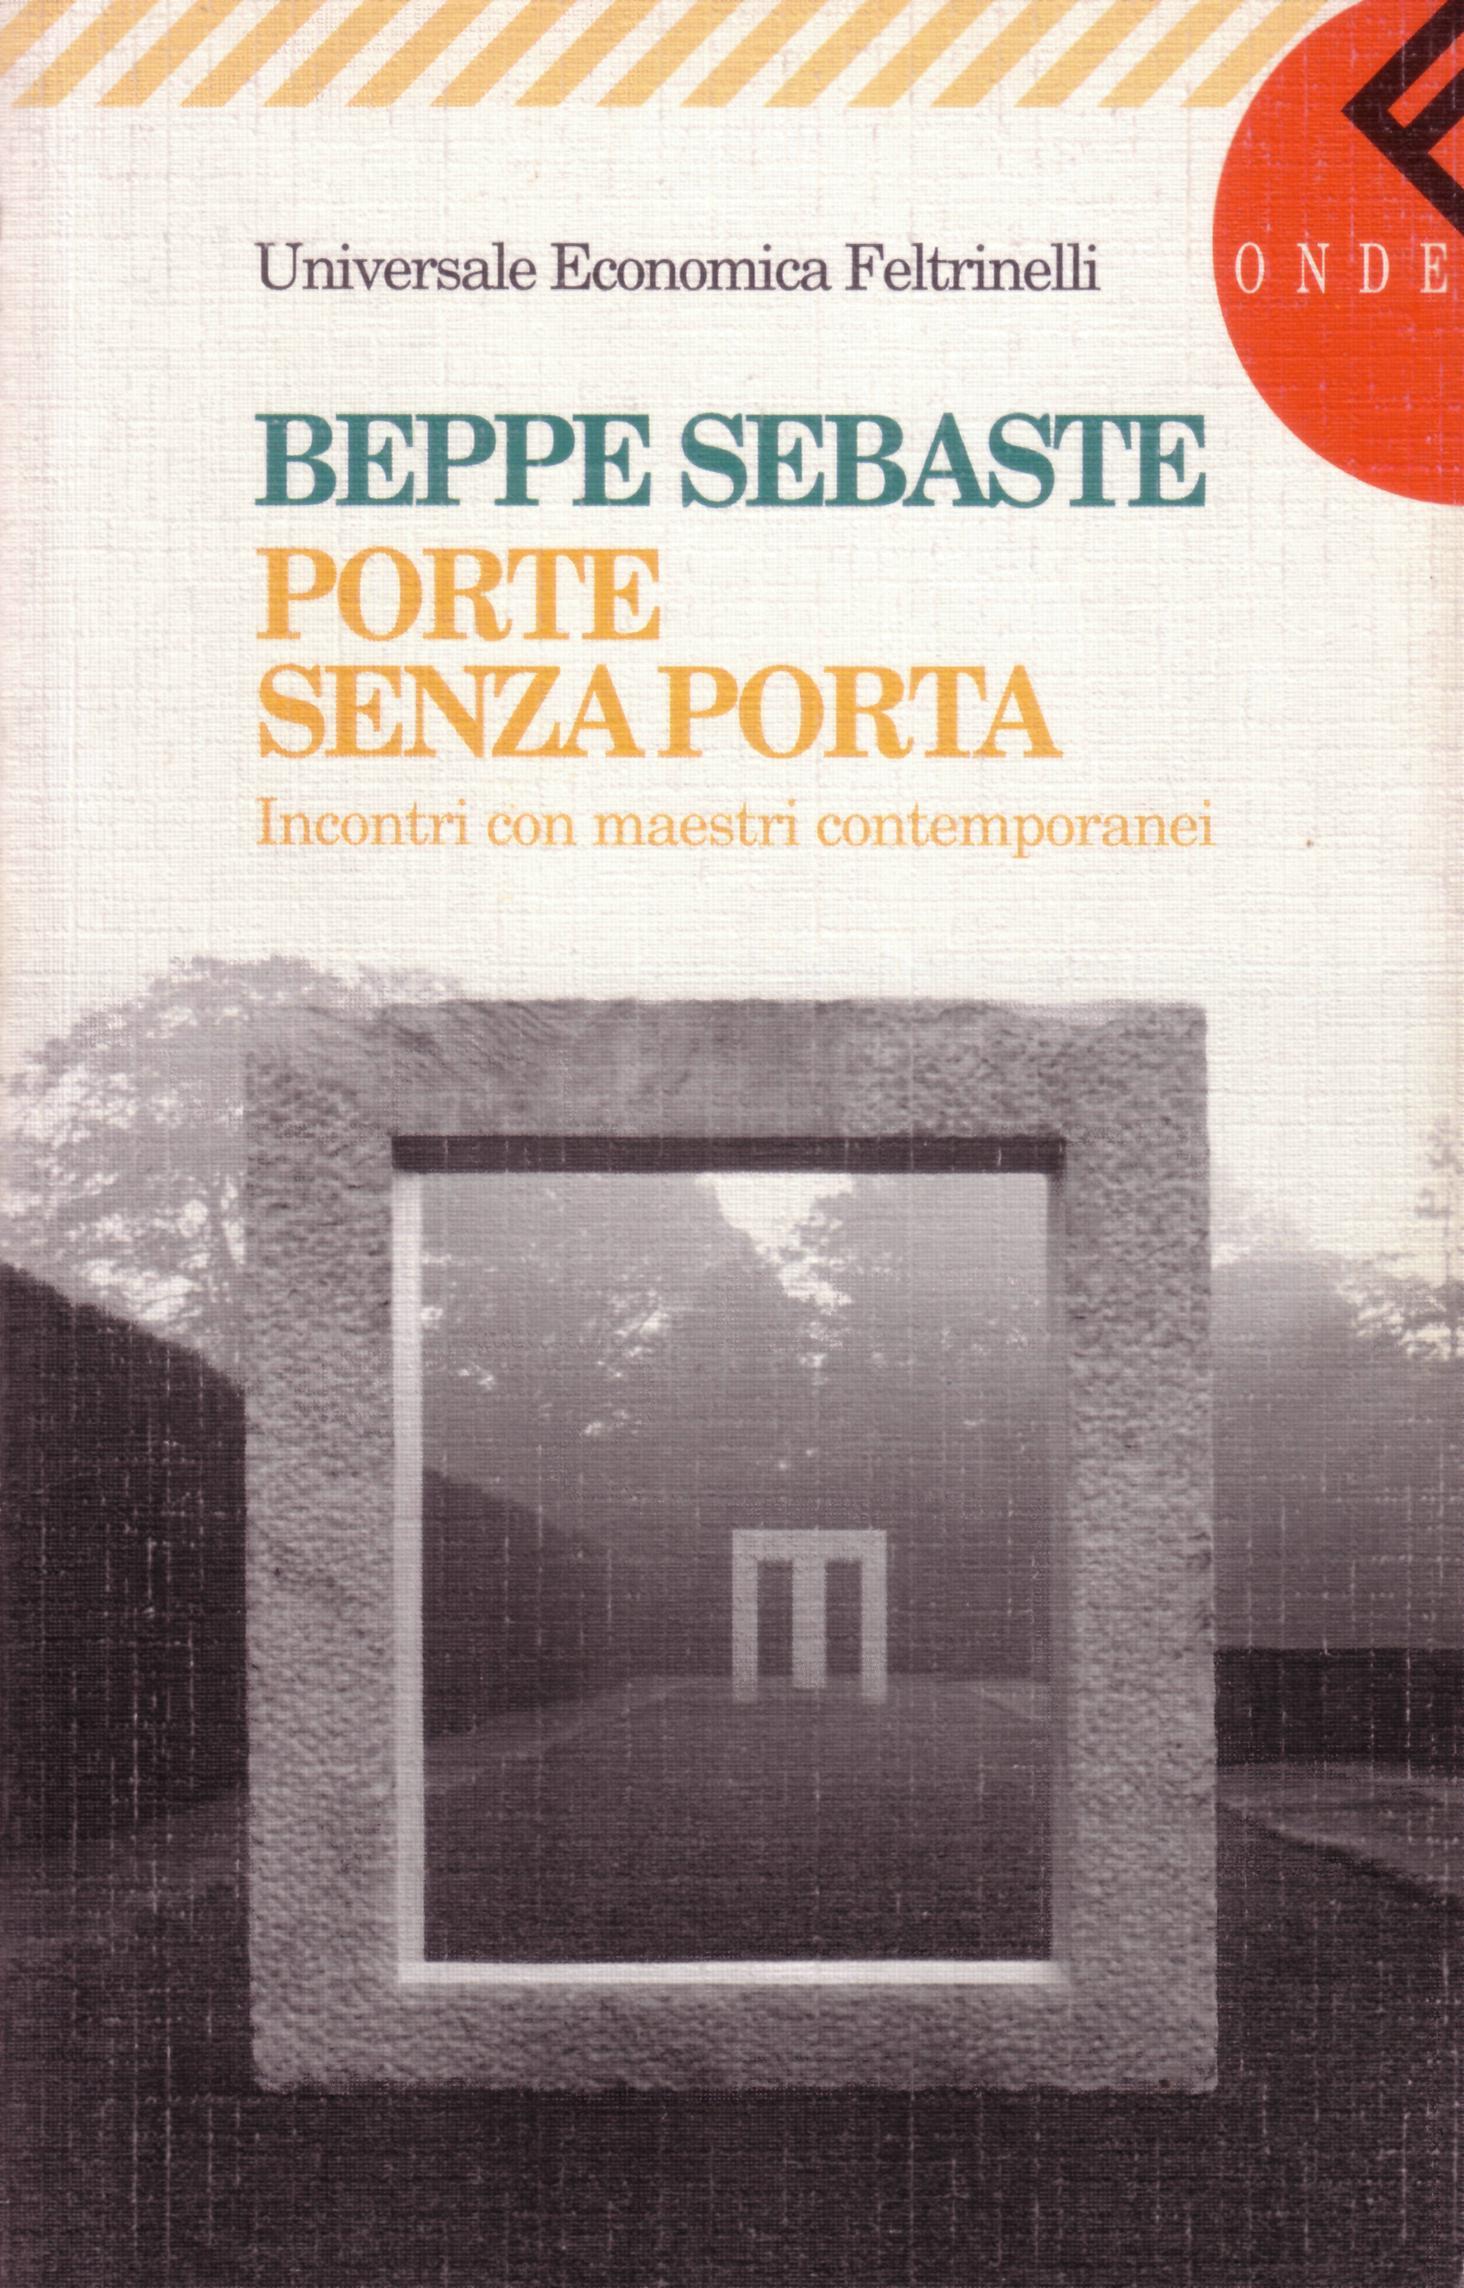 Porte senza porta beppe sebaste 2 recensioni for Porte italiano